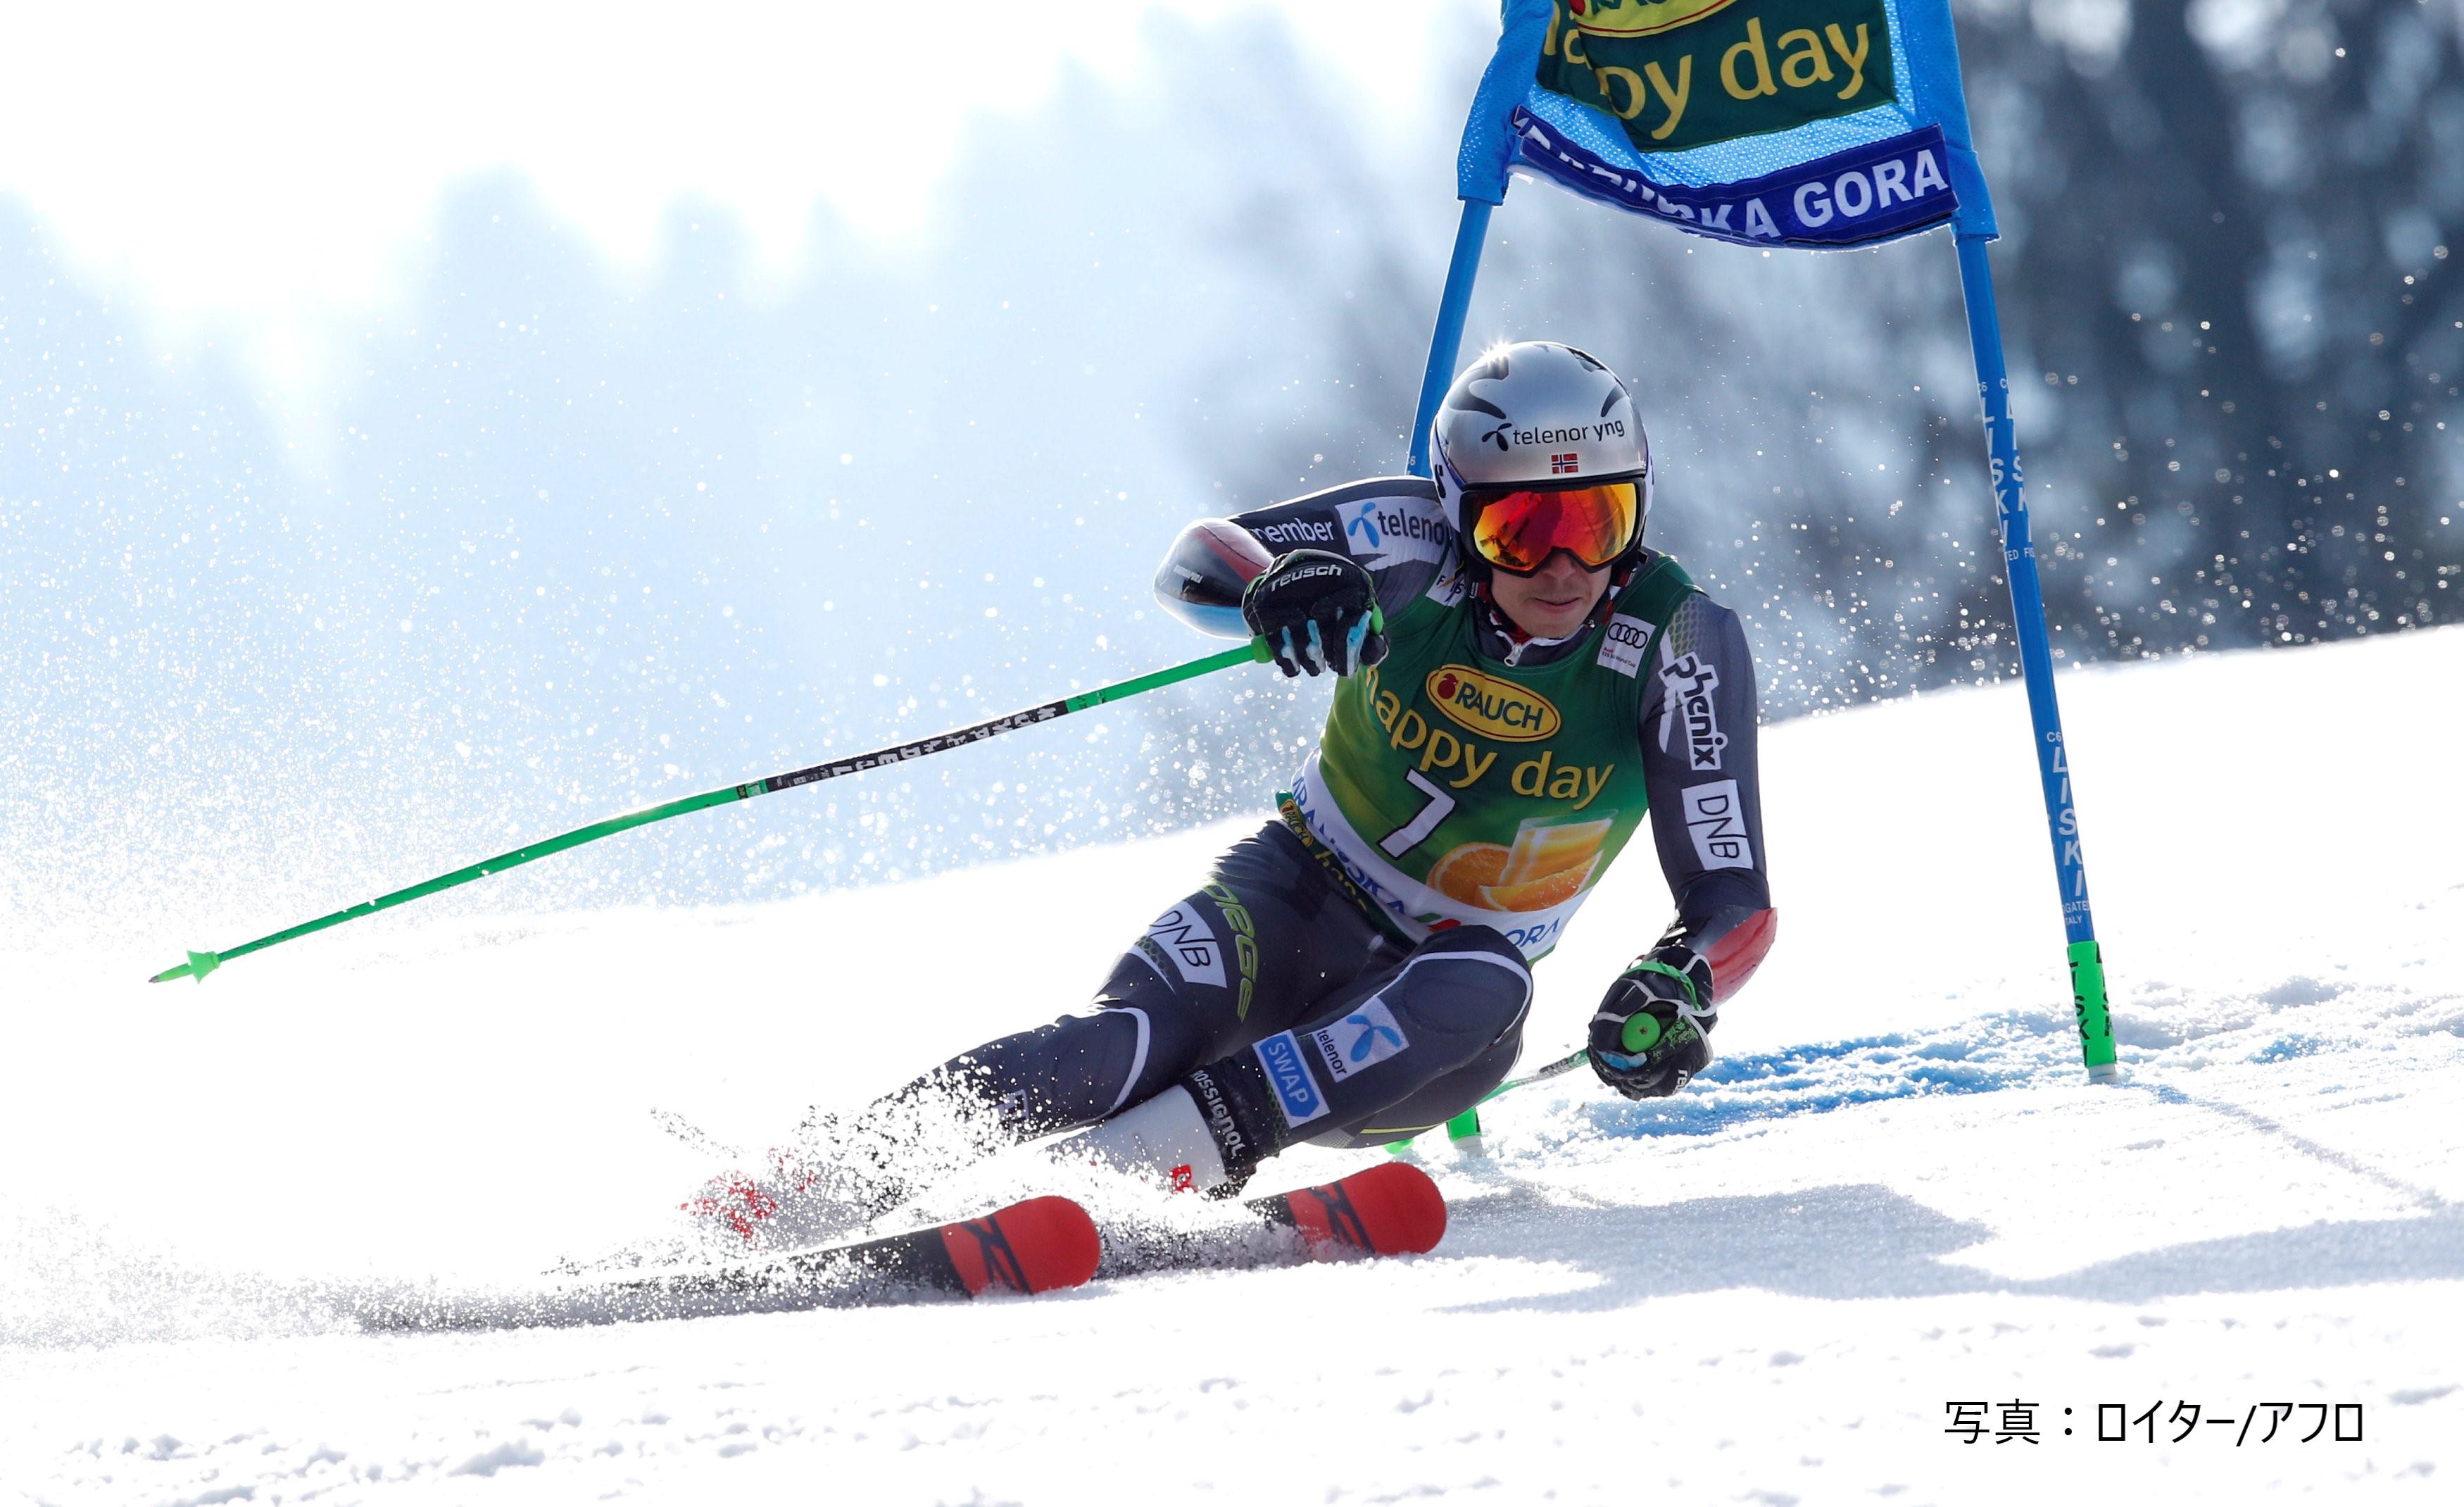 FIS ワールドカップスキー19/20」アルペン、ジャンプ、モーグル ...